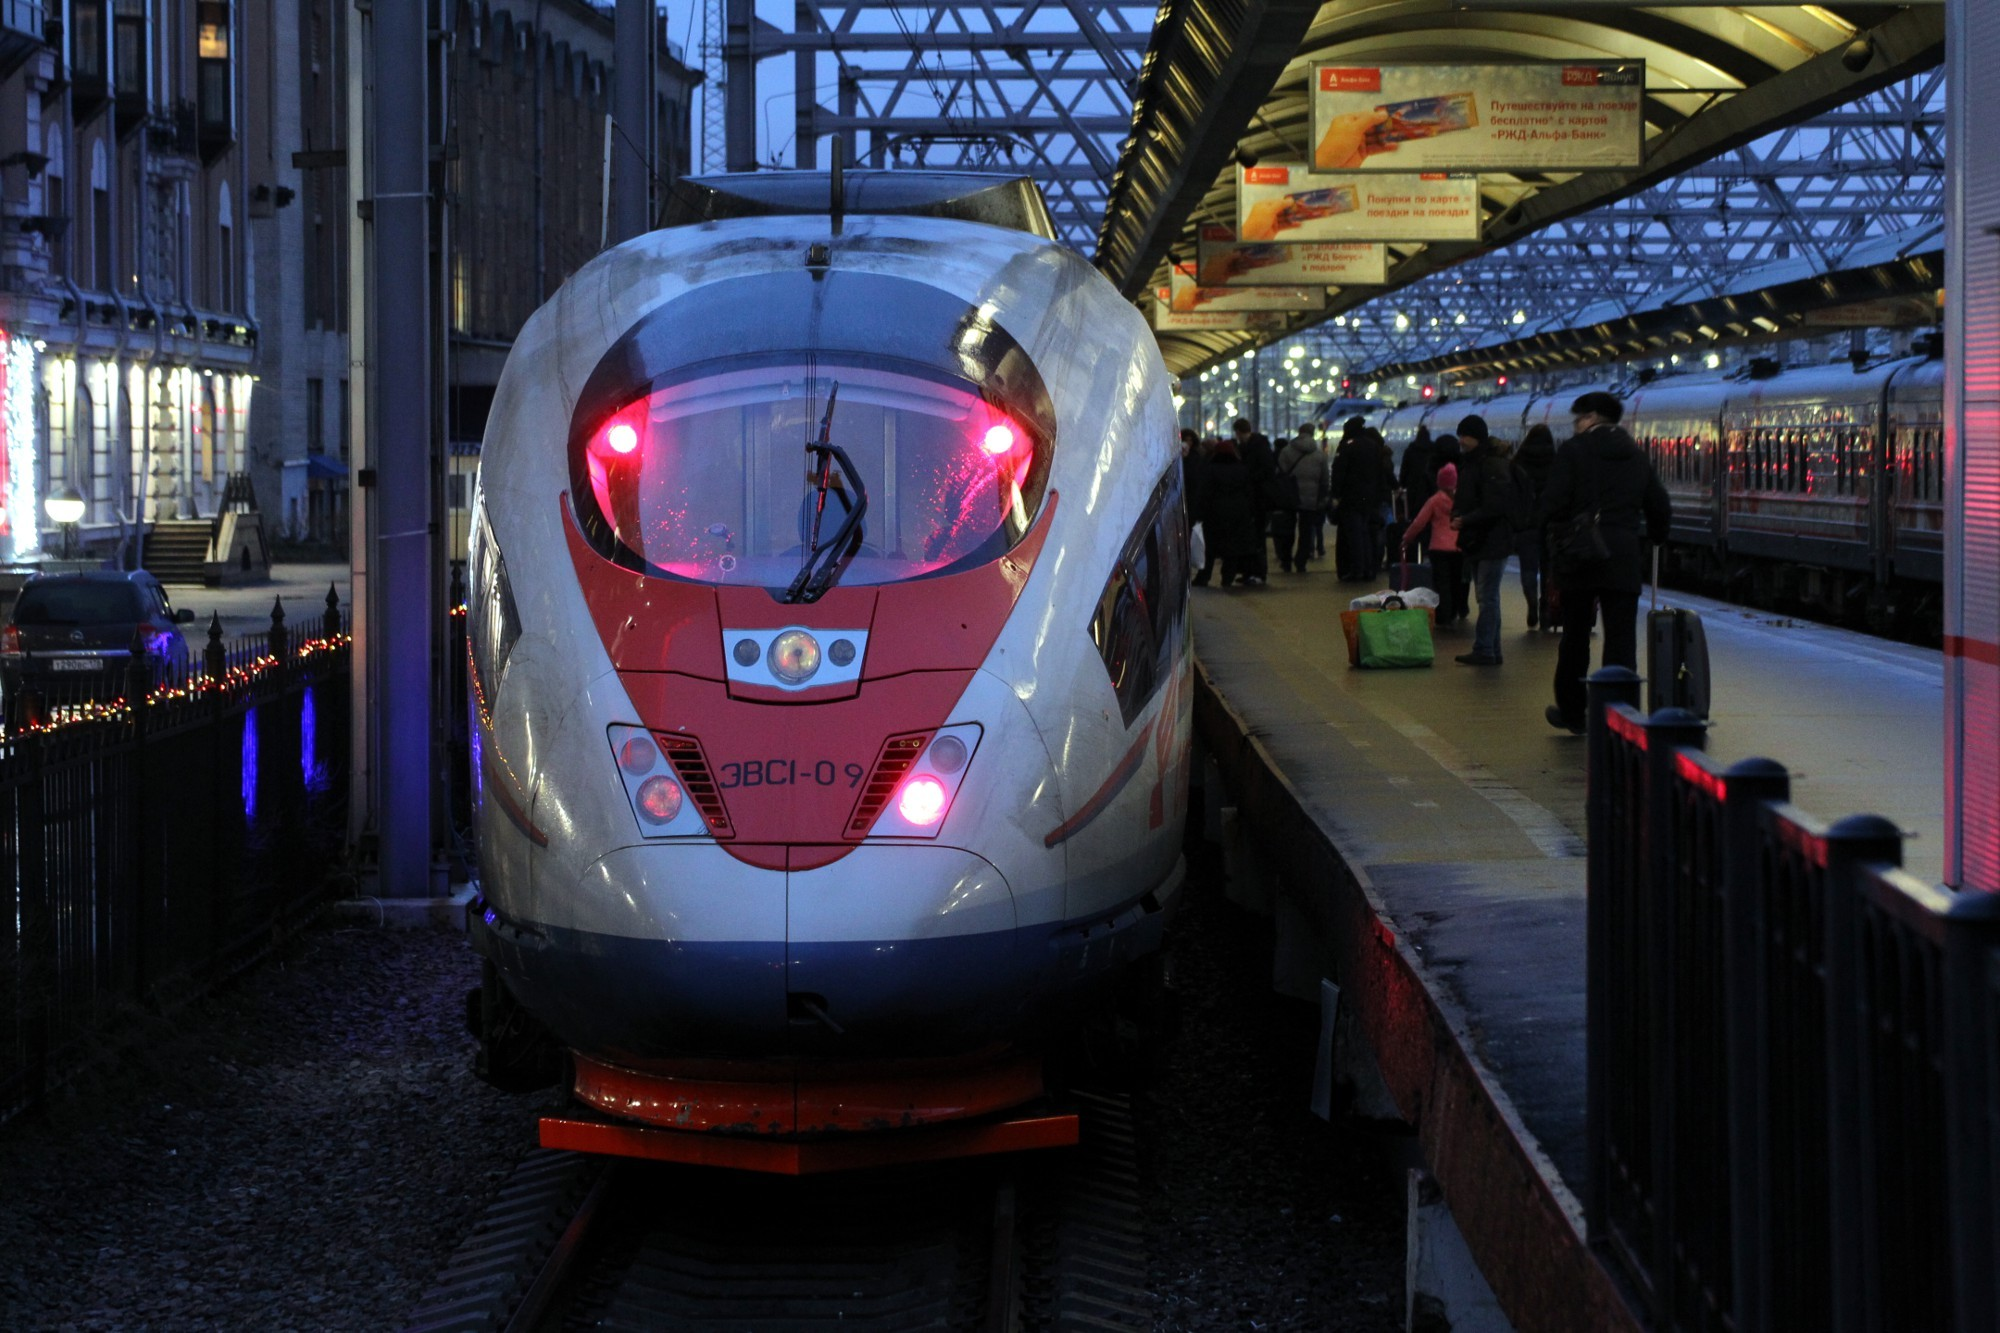 Поезд сбил человека в Тверской области - новости Афанасий